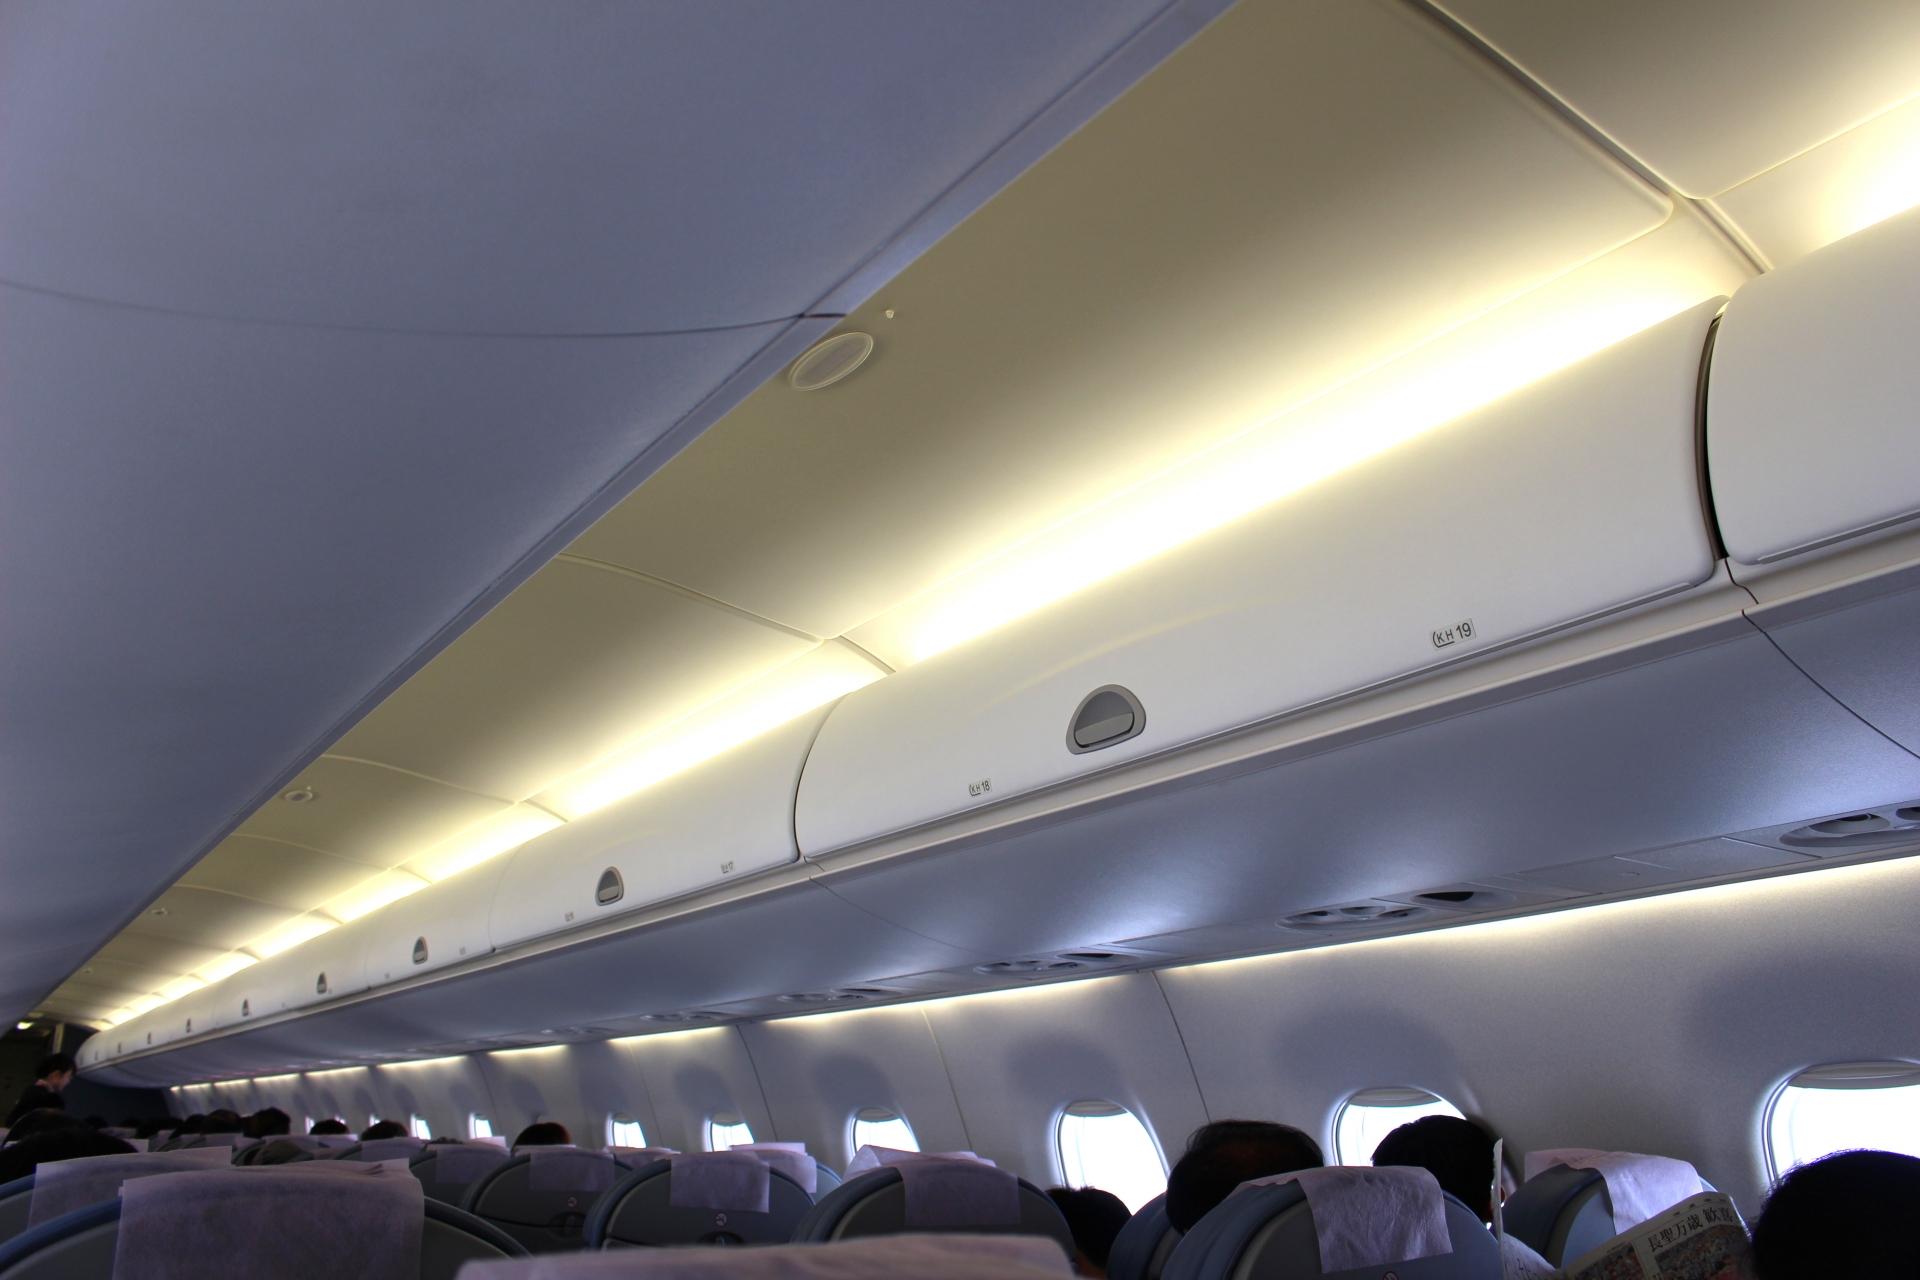 飛行機内の座席うえの収納棚